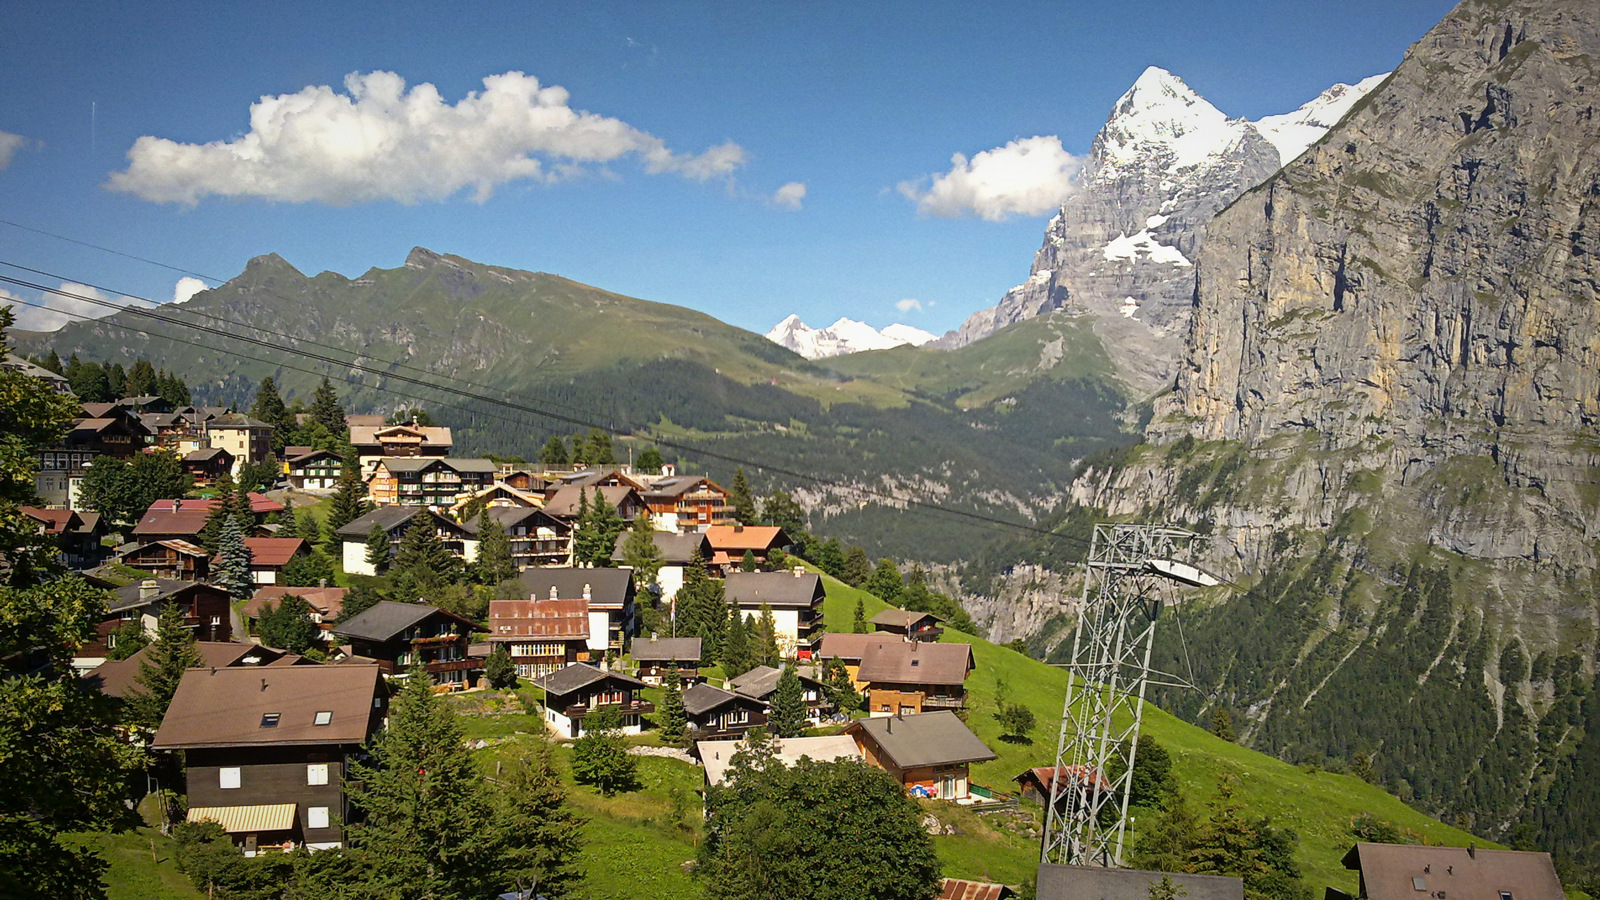 Горнолыжный курорт Мюррен (Mürren), Швейцария - как добраться, расписание, стоимость транспорта из аэропорта до Мюррена, подъемники в Мюррене, фото